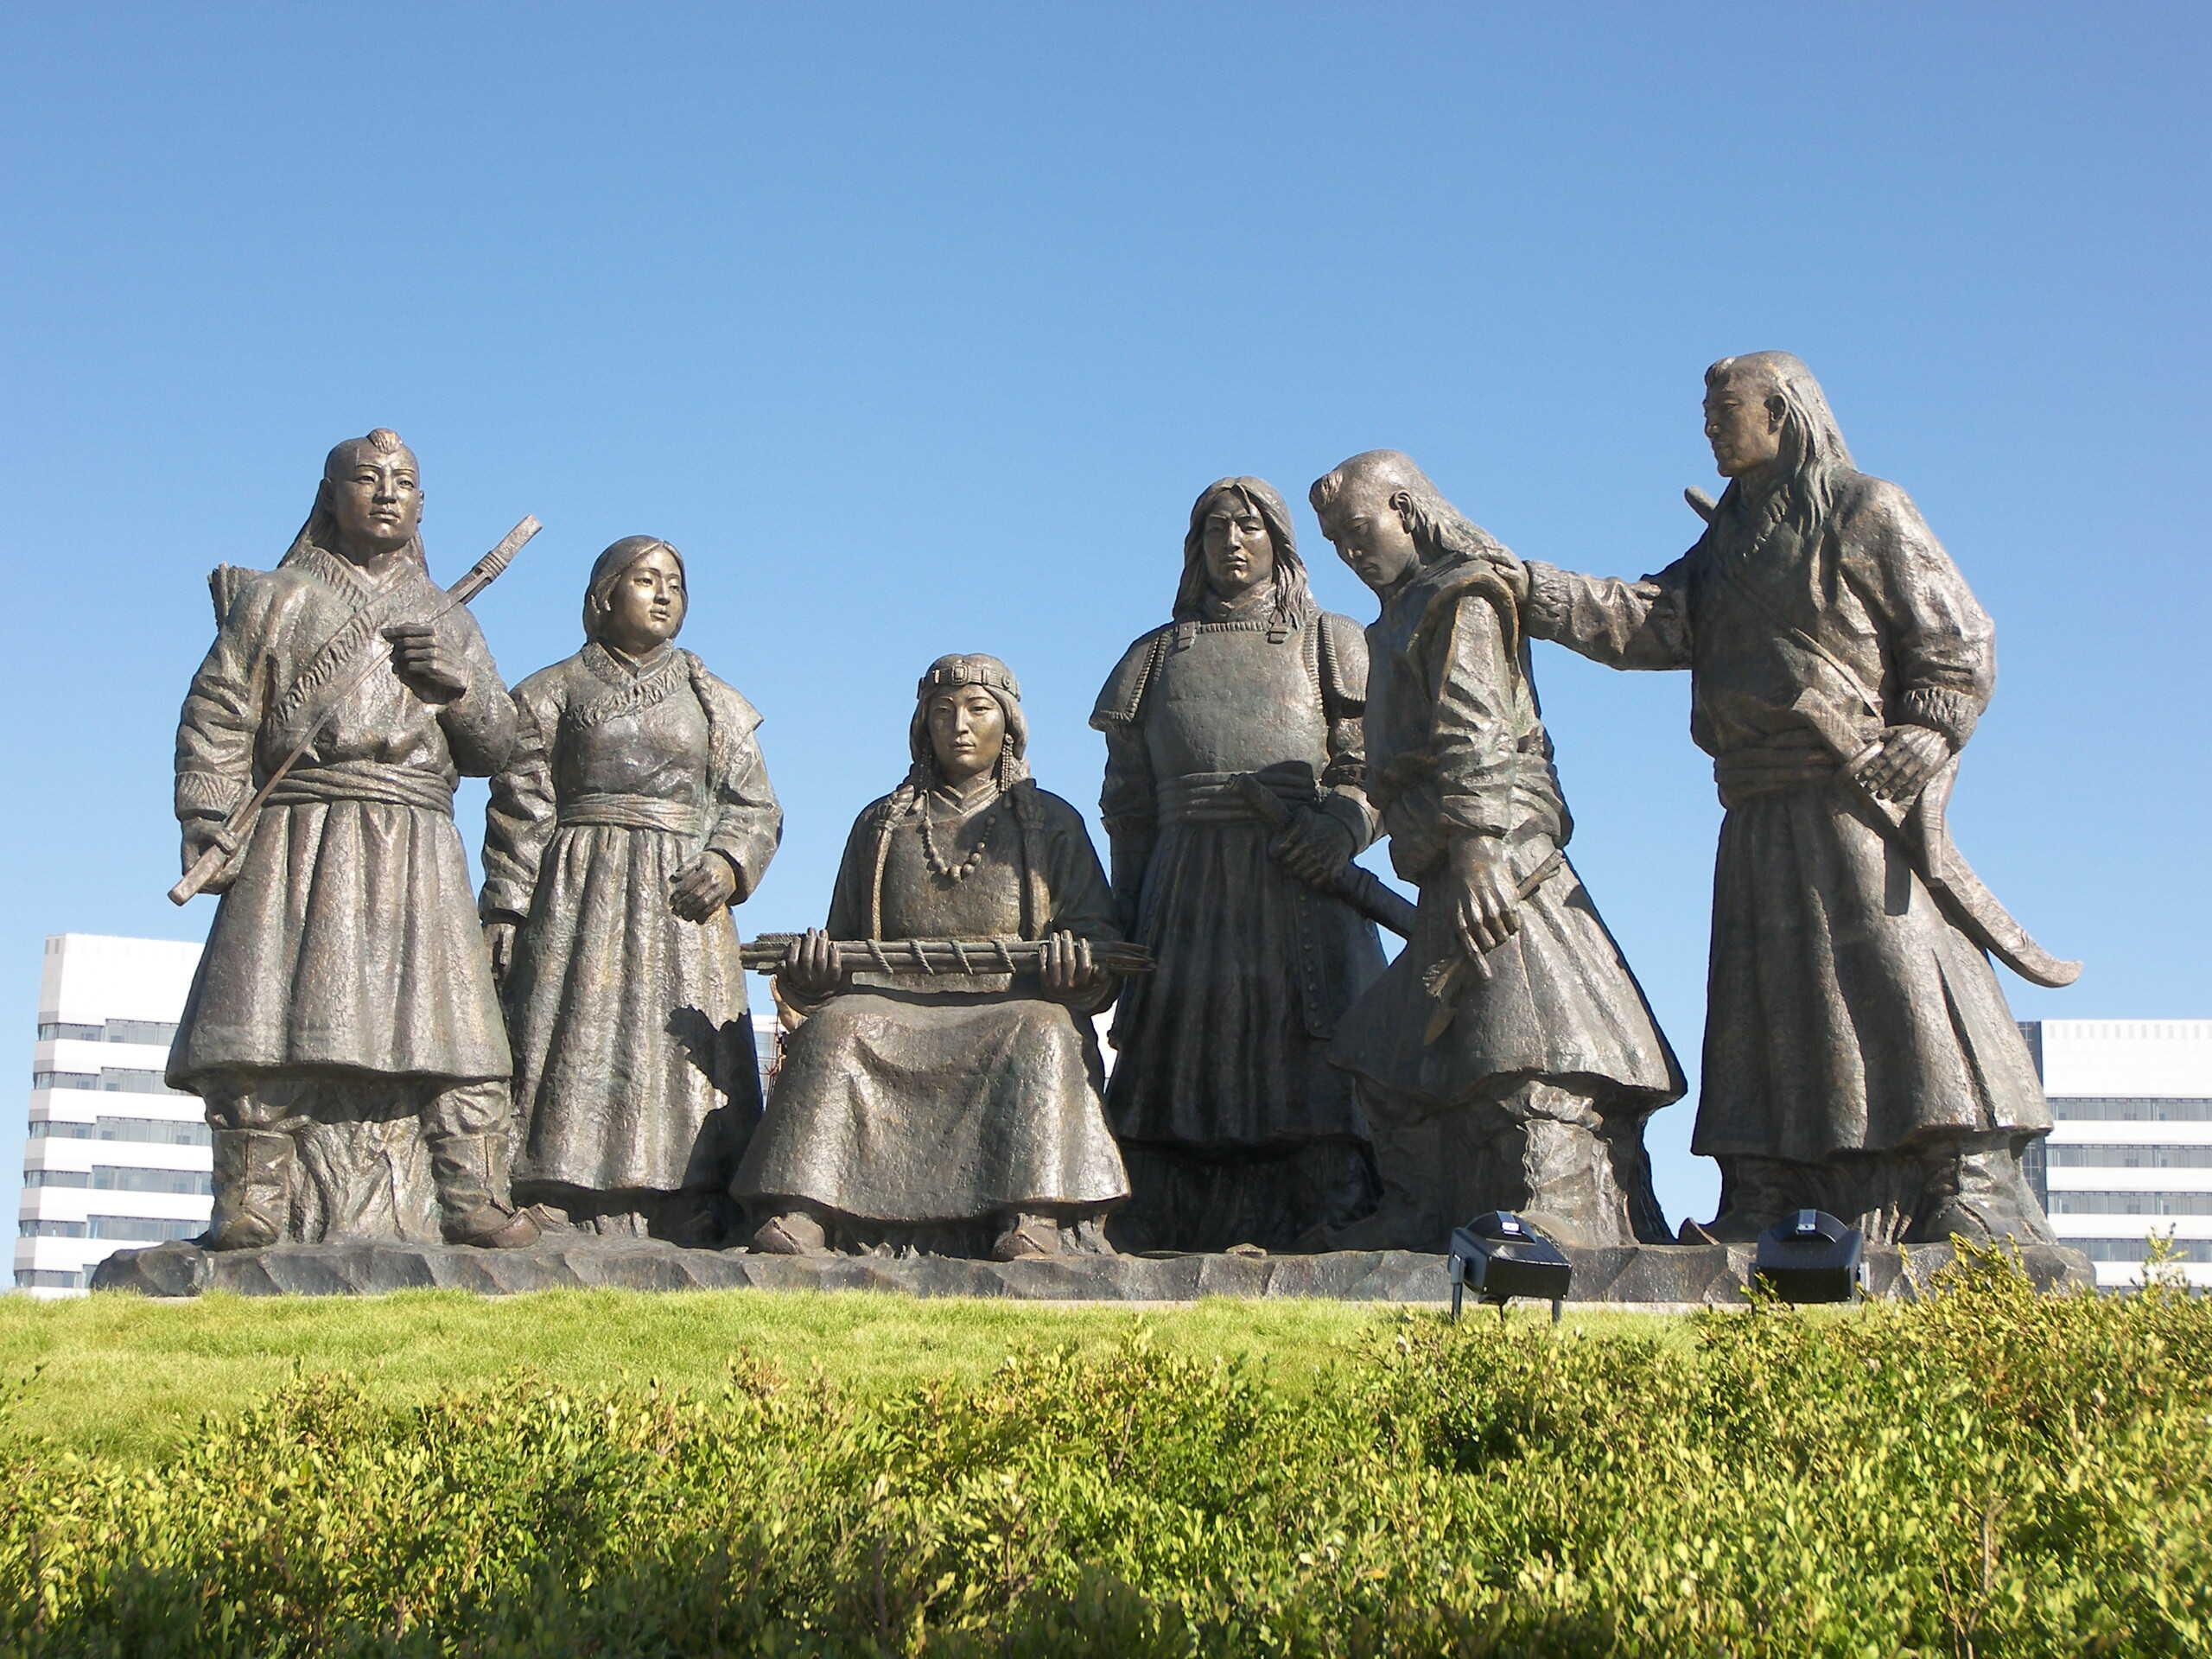 2006年鄂尔多斯雕塑群之《草原母亲》